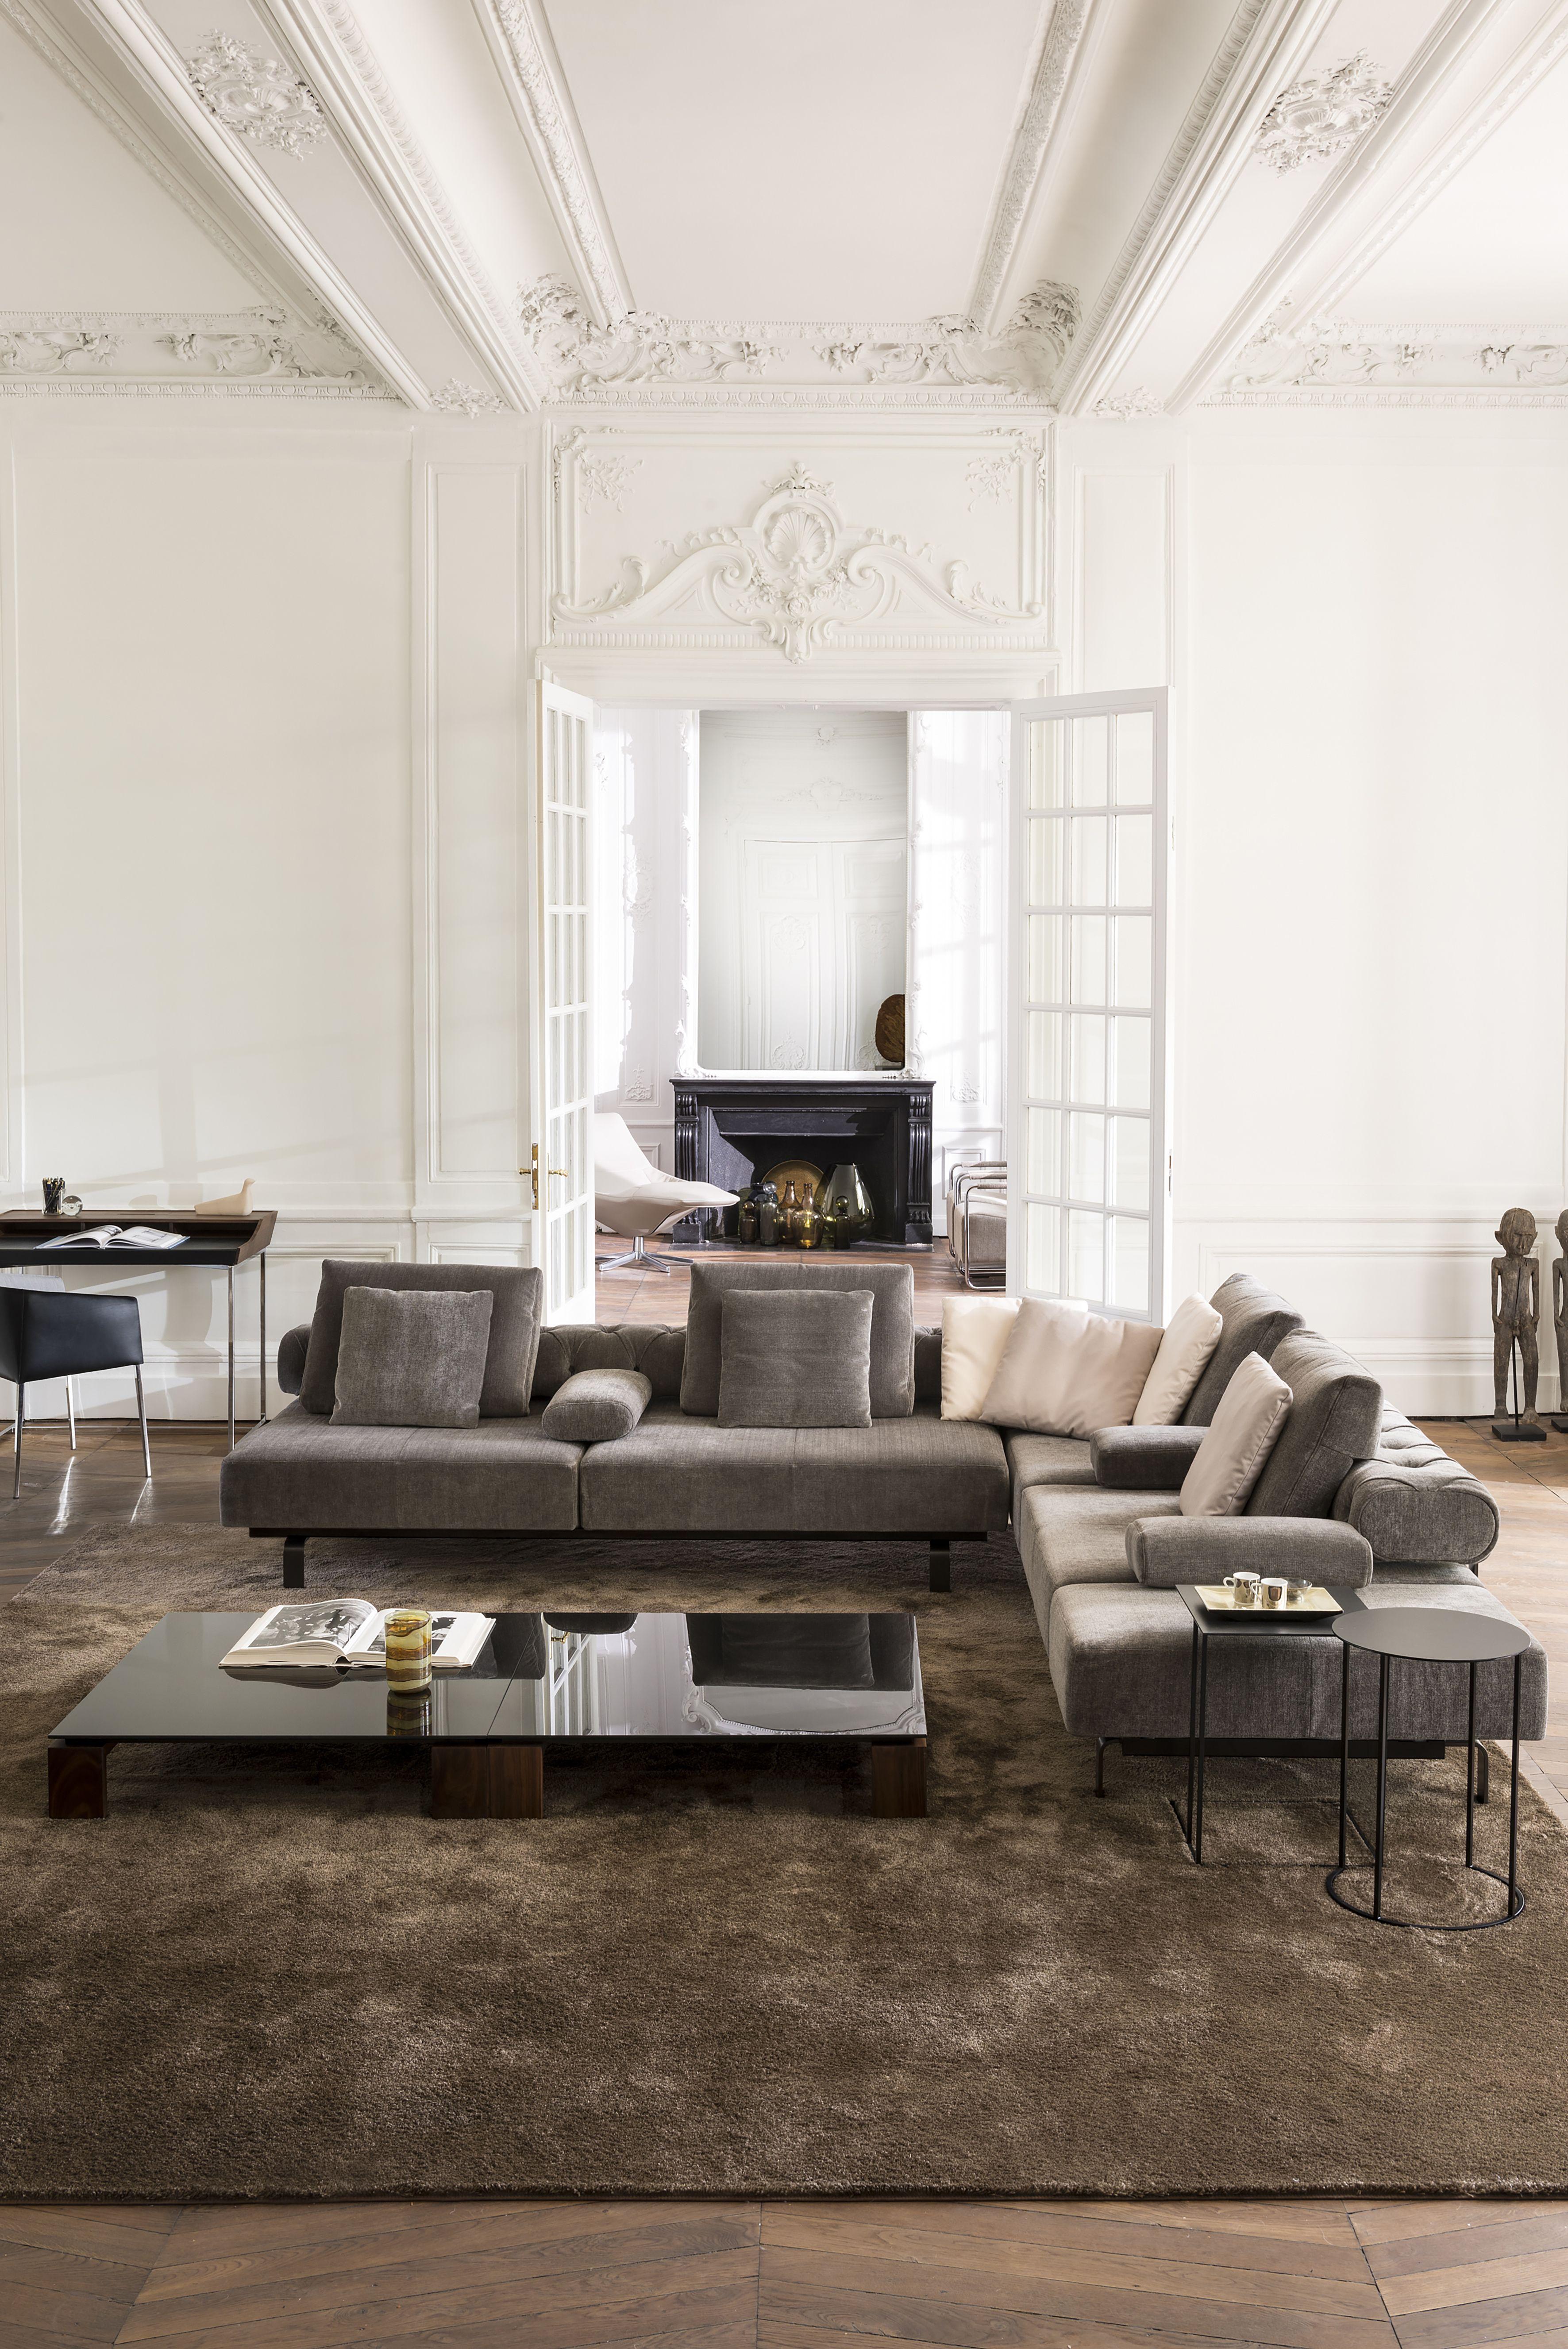 Amazing Top Interieur fotos - Ideeën & Huis inrichten ...